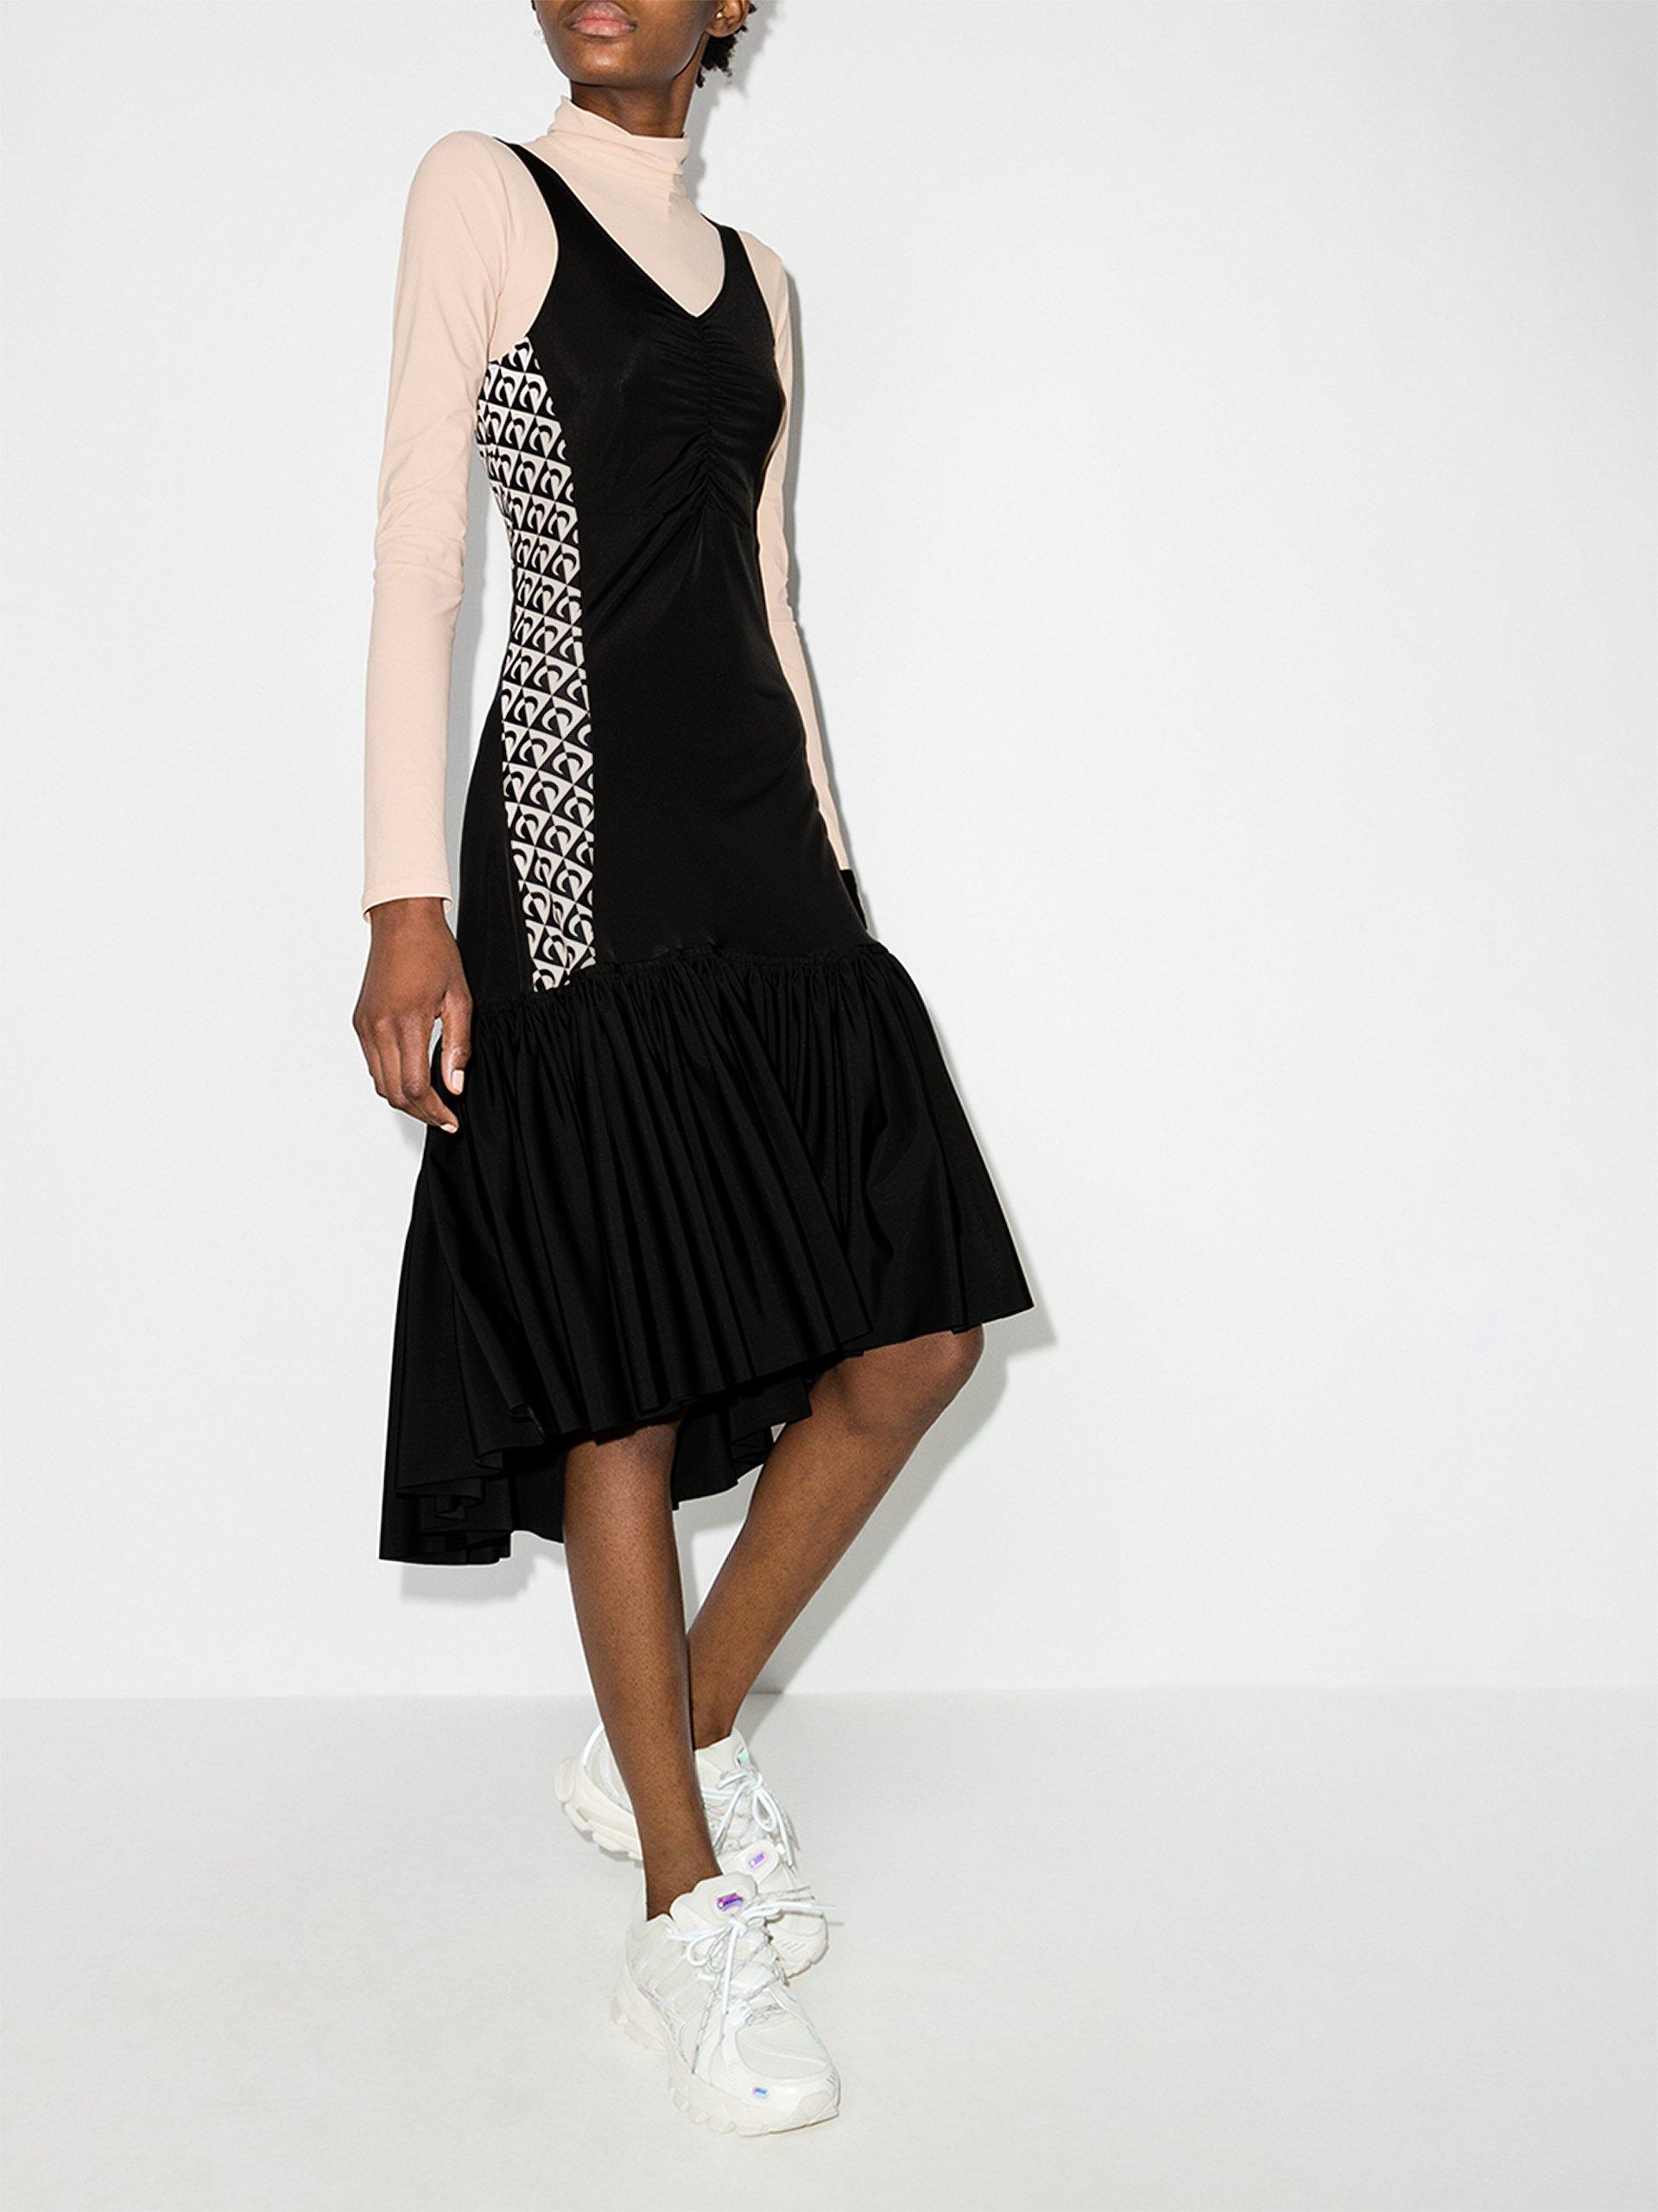 marine-serre-x-browns-futurist-flamenco-midi-dress_15932558_31532927_1920.jpg?c=2